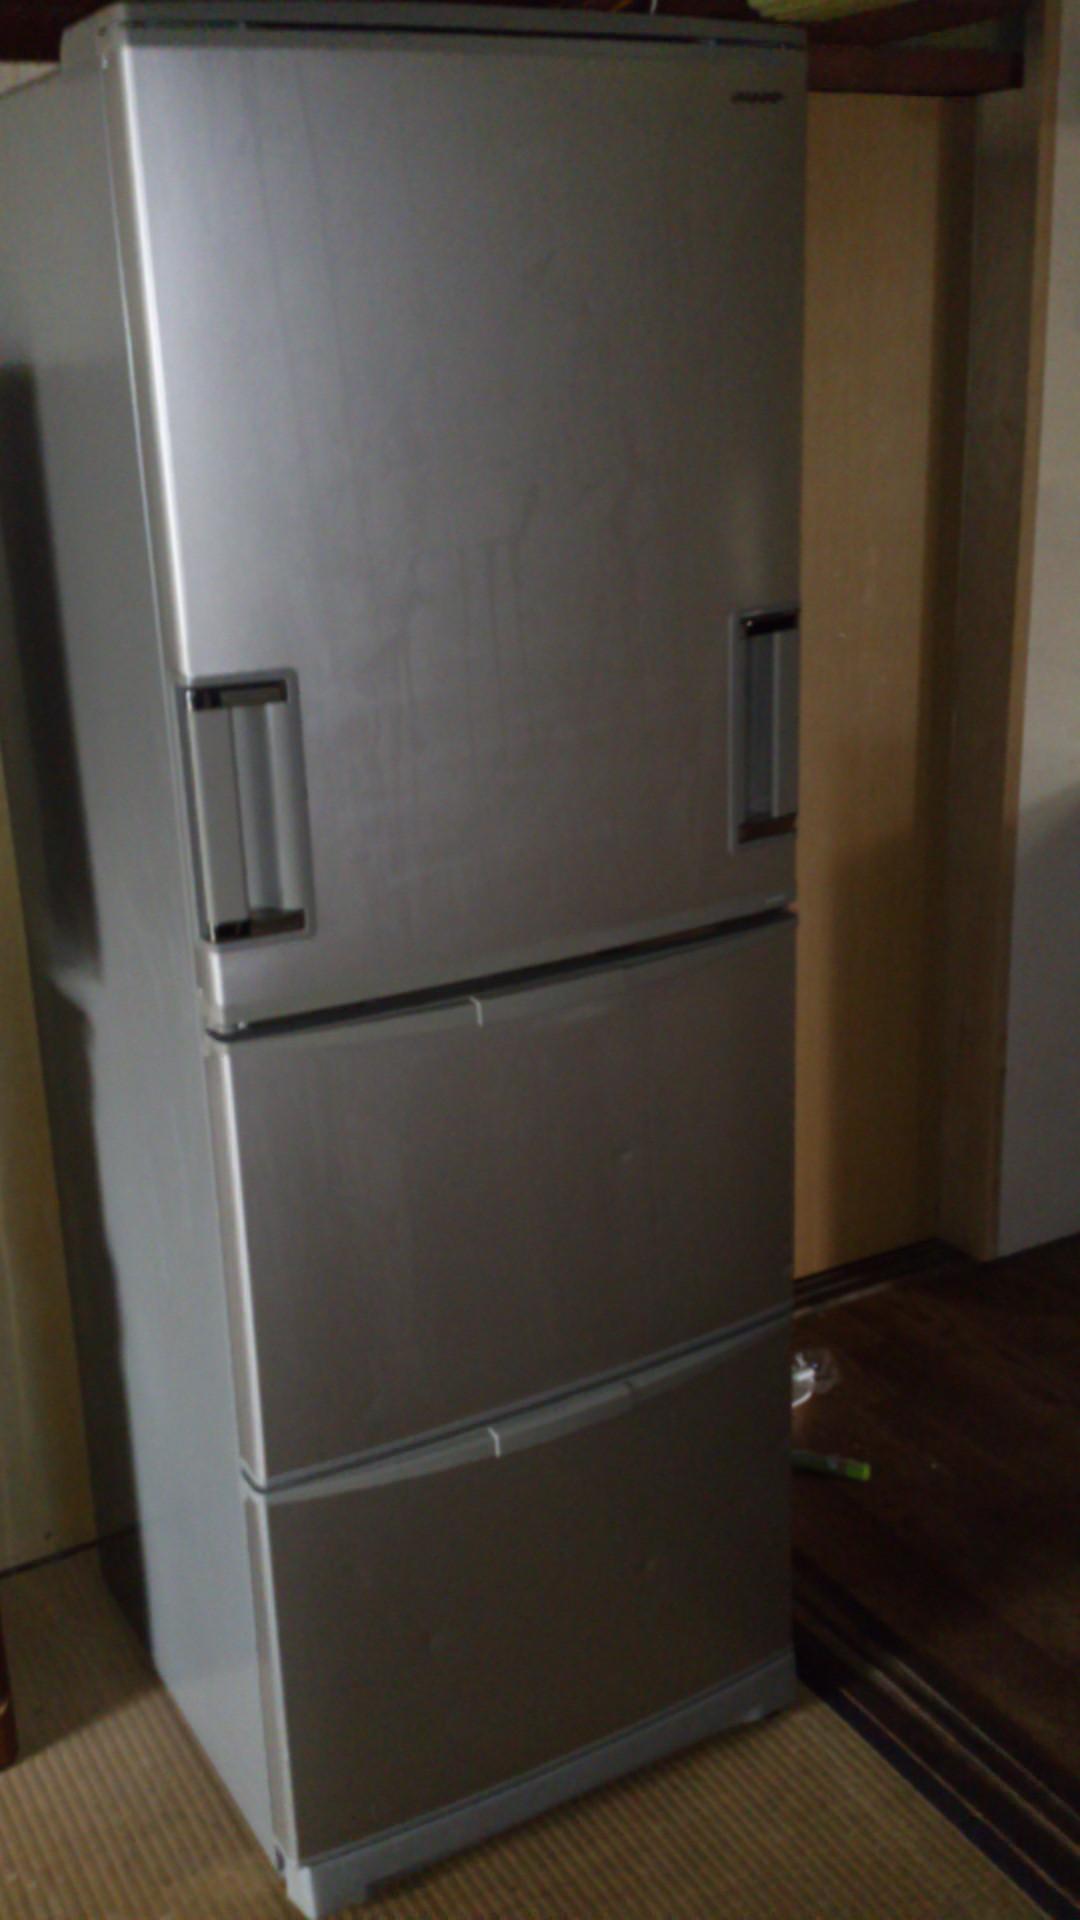 大型冷蔵庫の回収